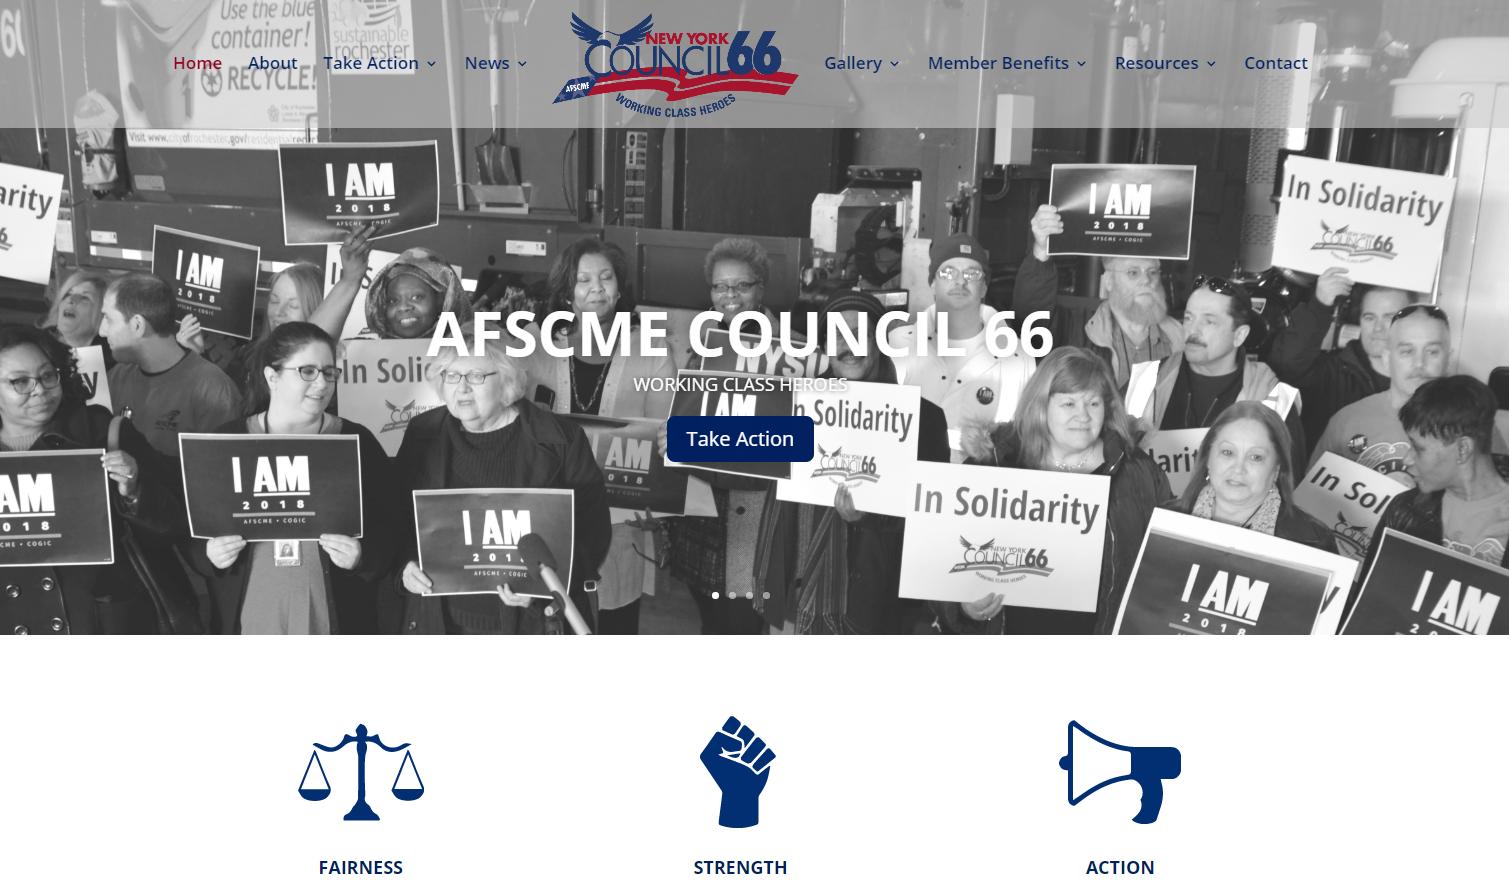 Council66